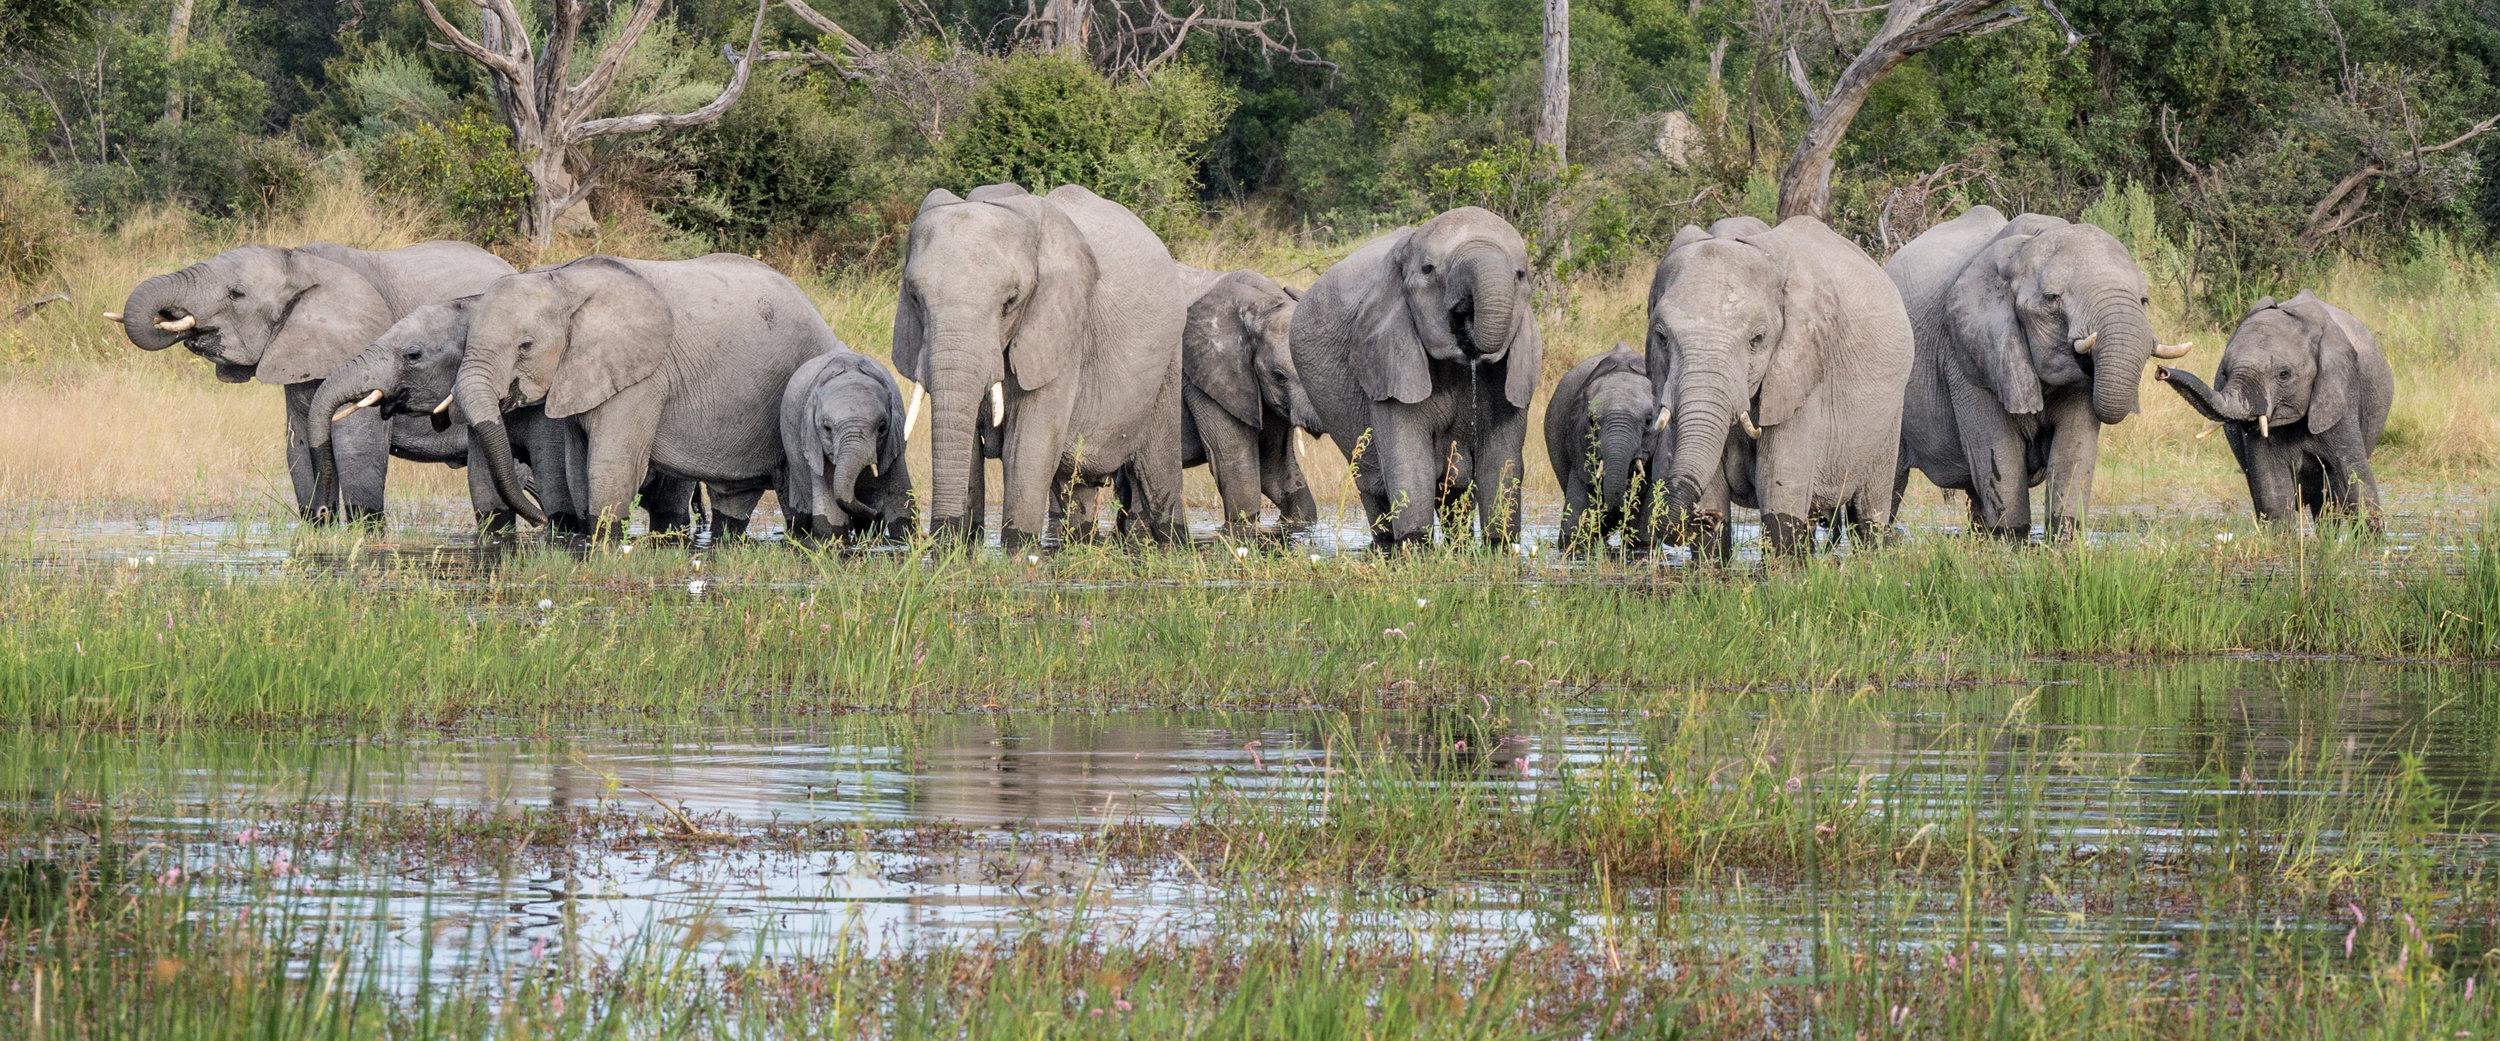 Elephants in a section of the Okavango that extends across parts of Angola, Botswana, Namibia and Zimbabwe © Jon McCormack